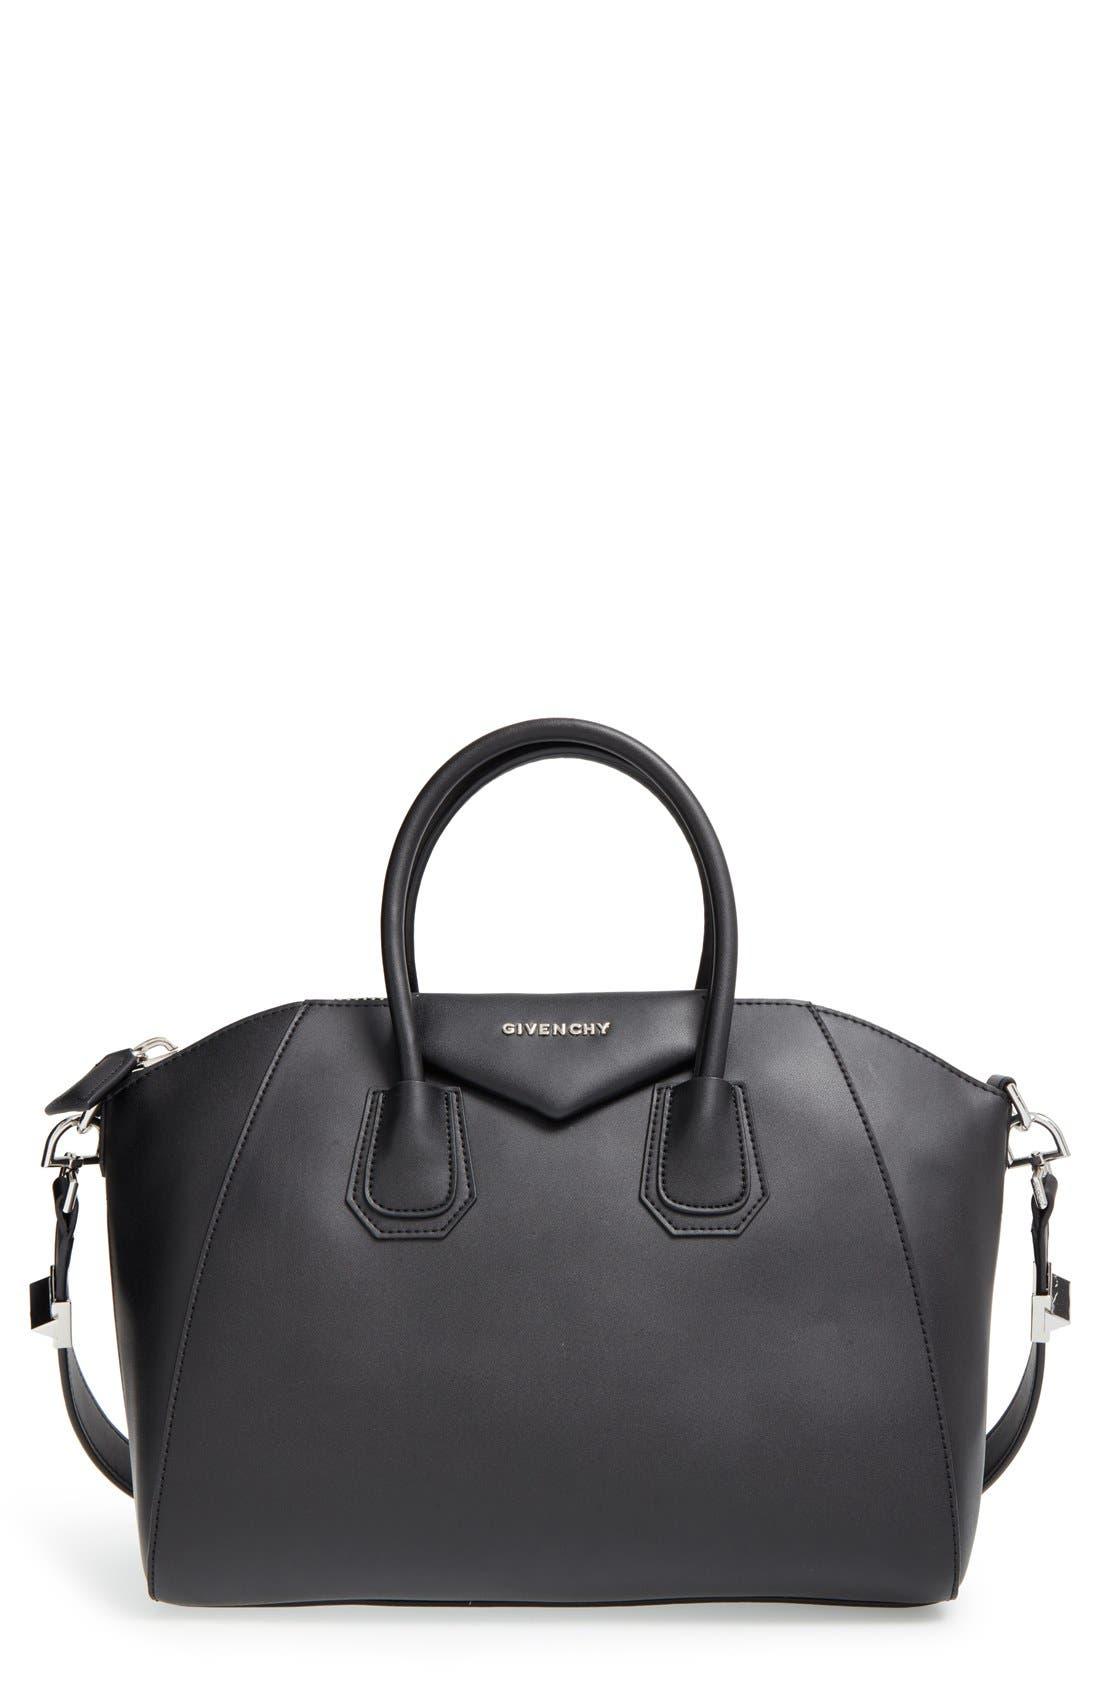 Alternate Image 1 Selected - Givenchy 'Medium Antigona' Leather Satchel